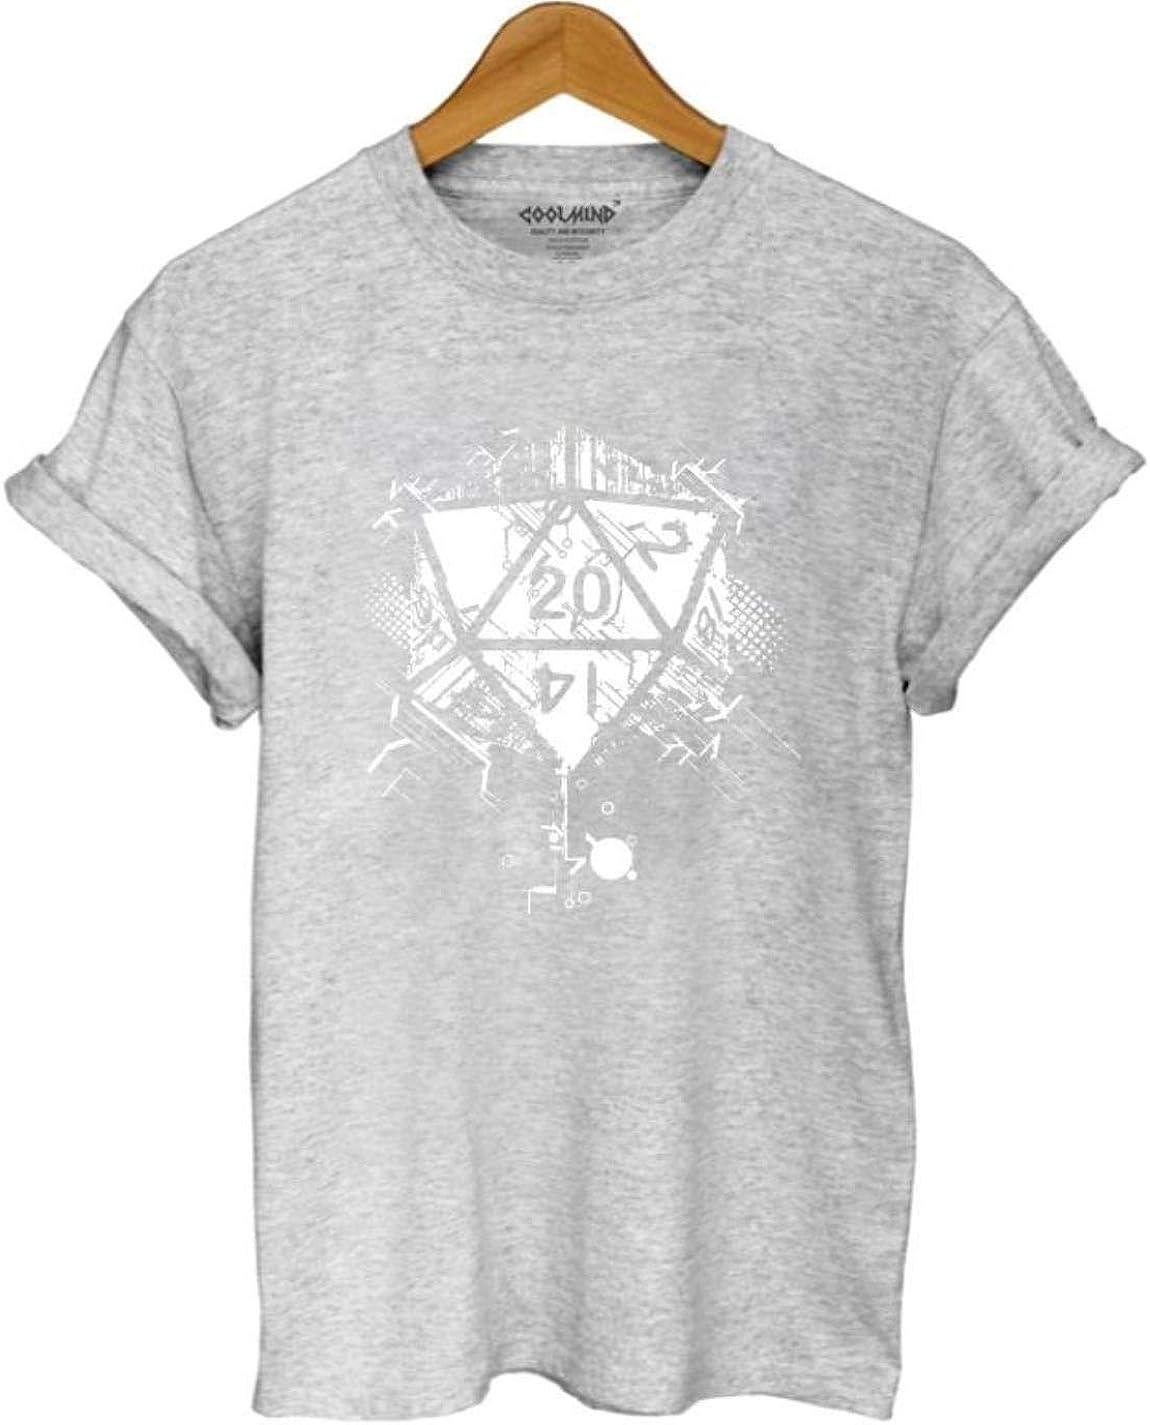 Women Cotton Cool Summer T Shirt Casual O-Neck Fashion T-Shirt